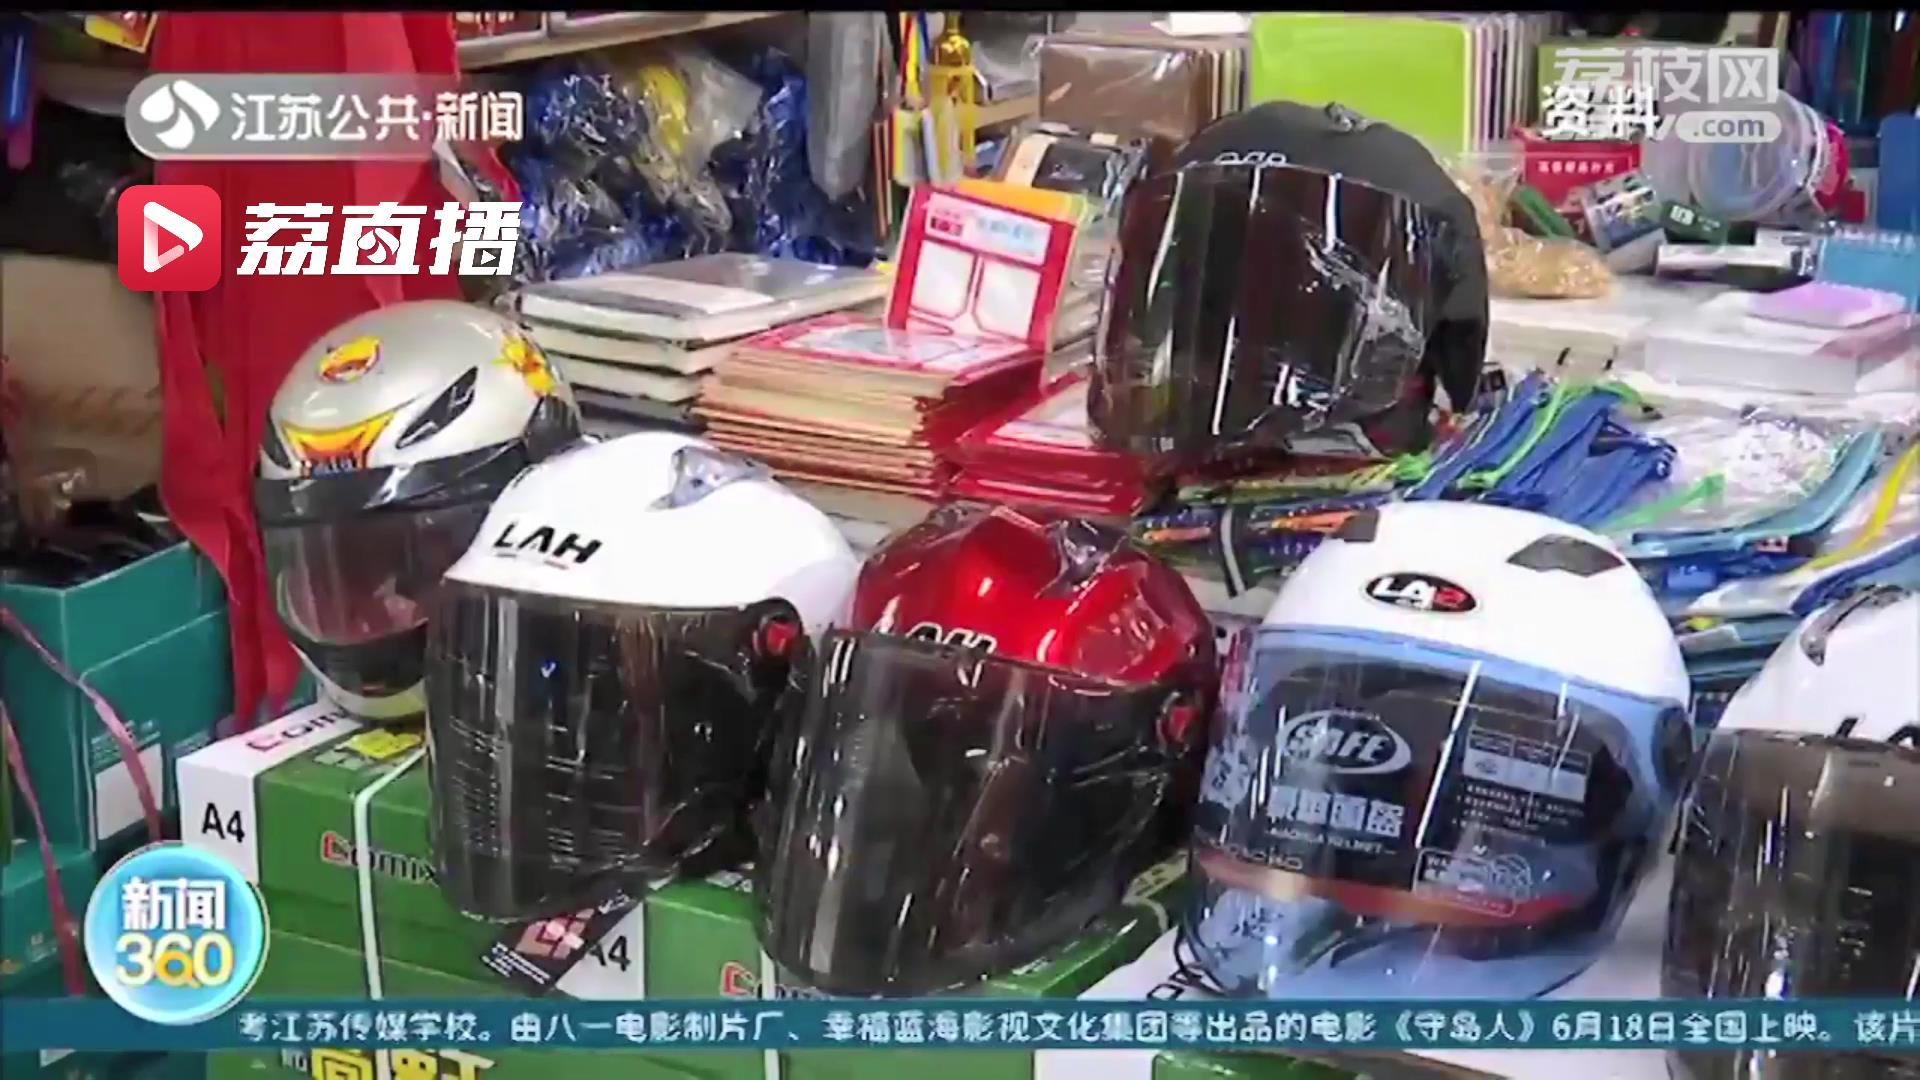 超8成样品在碰撞试验中壳体严重破裂!南京消协发布电动自行车头盔质量测评报告